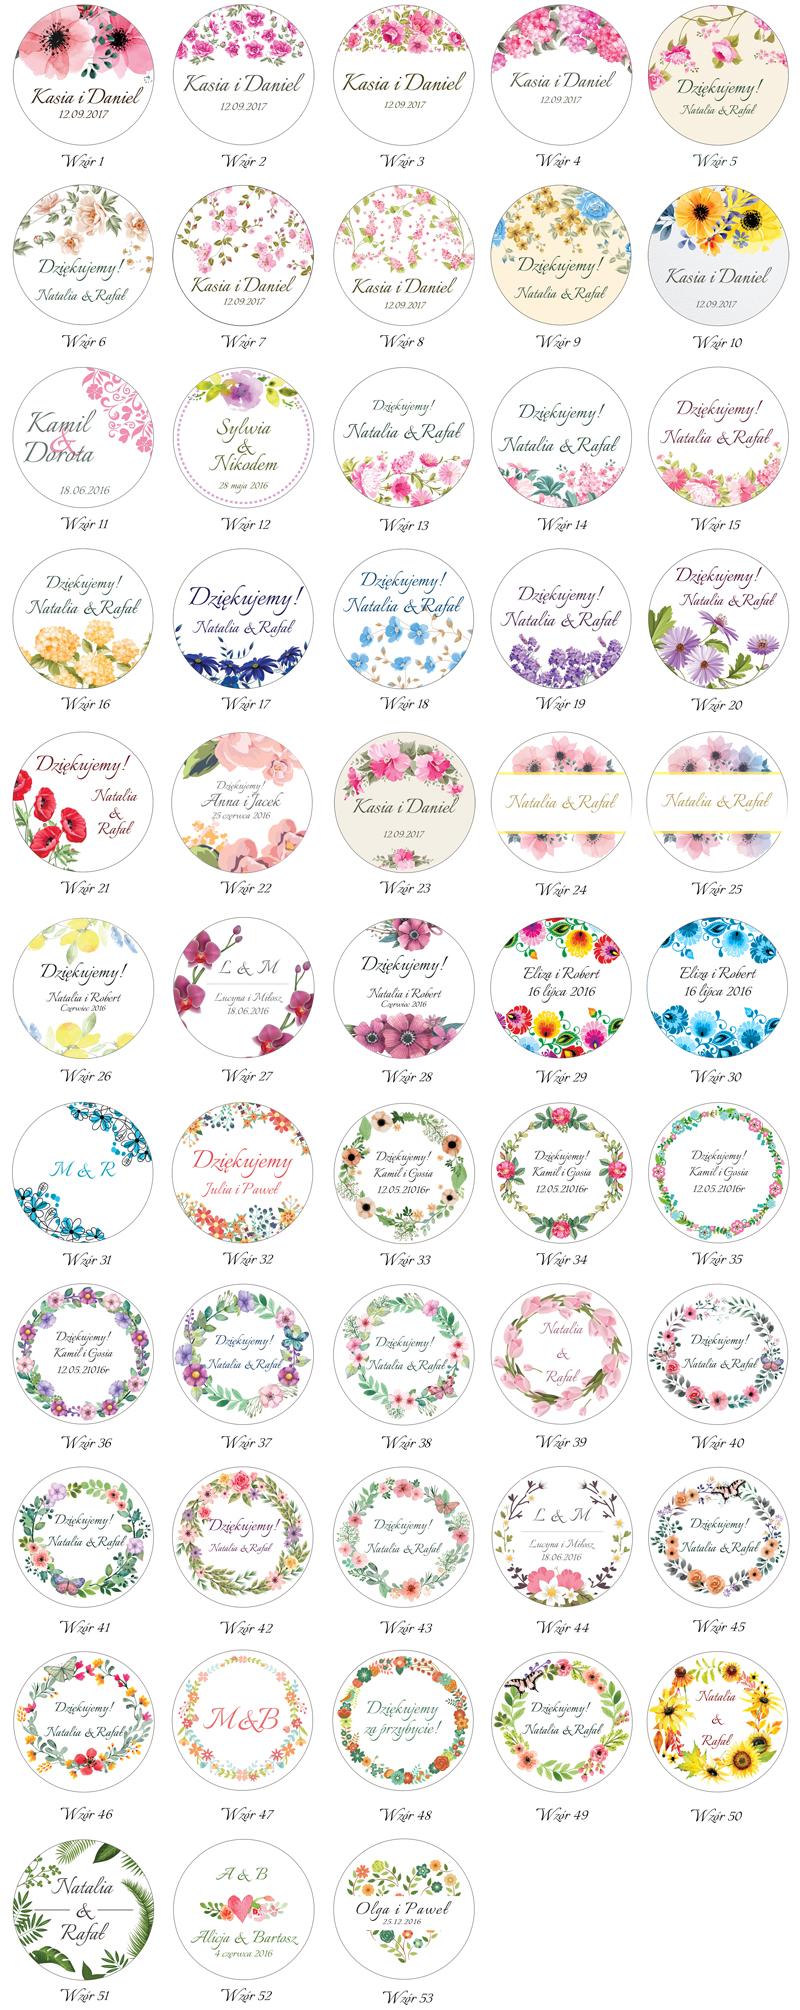 Naklejki okrągłe Kwiaty wzory do wyboru